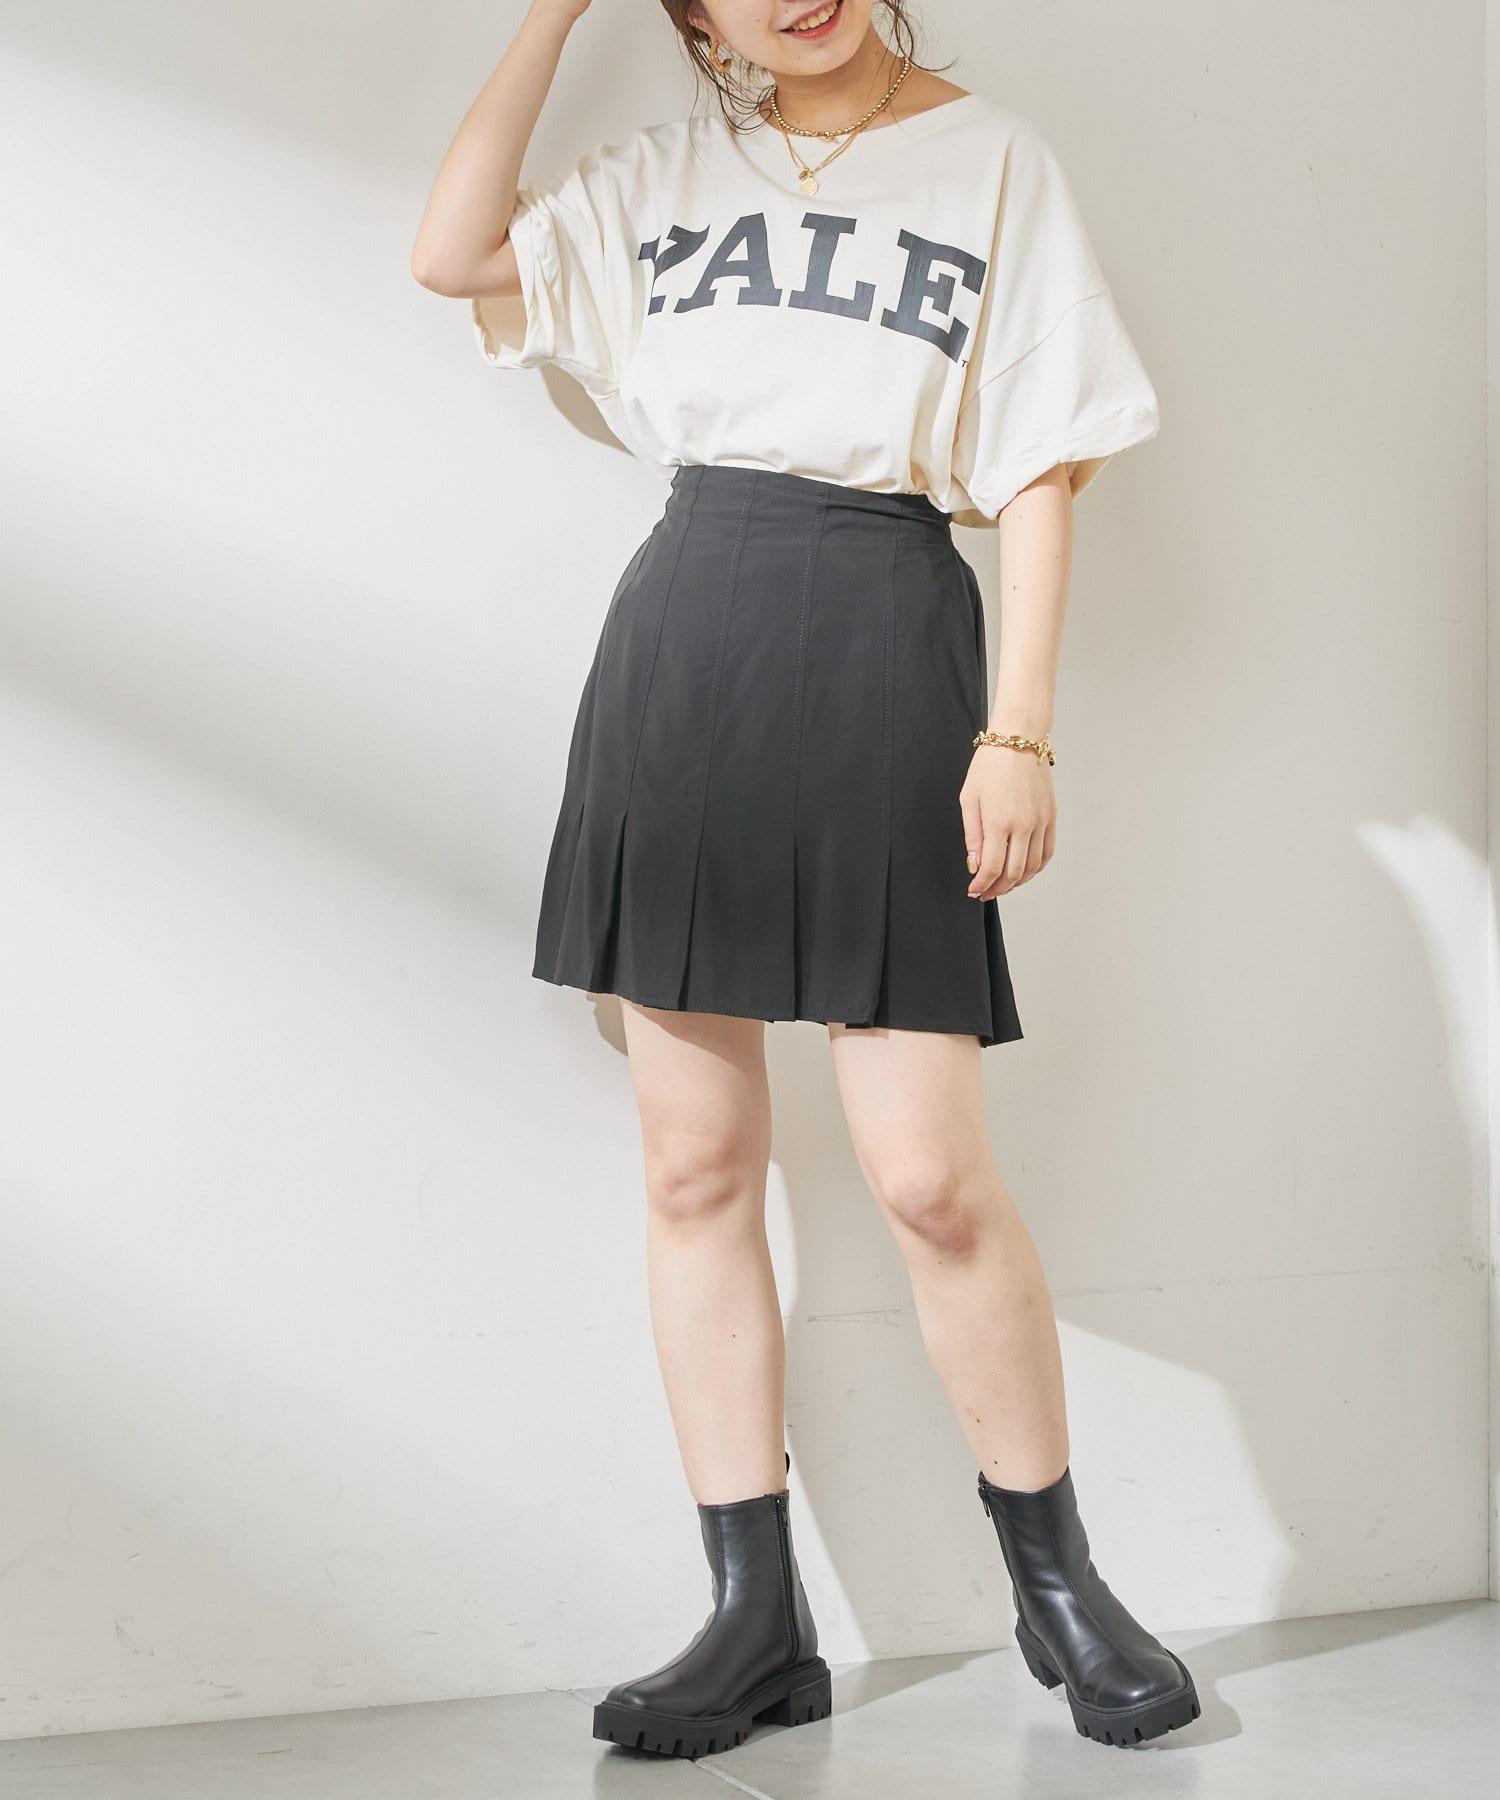 who's who Chico(フーズフーチコ) 【SET UP対応】裾プリーツミニスカート